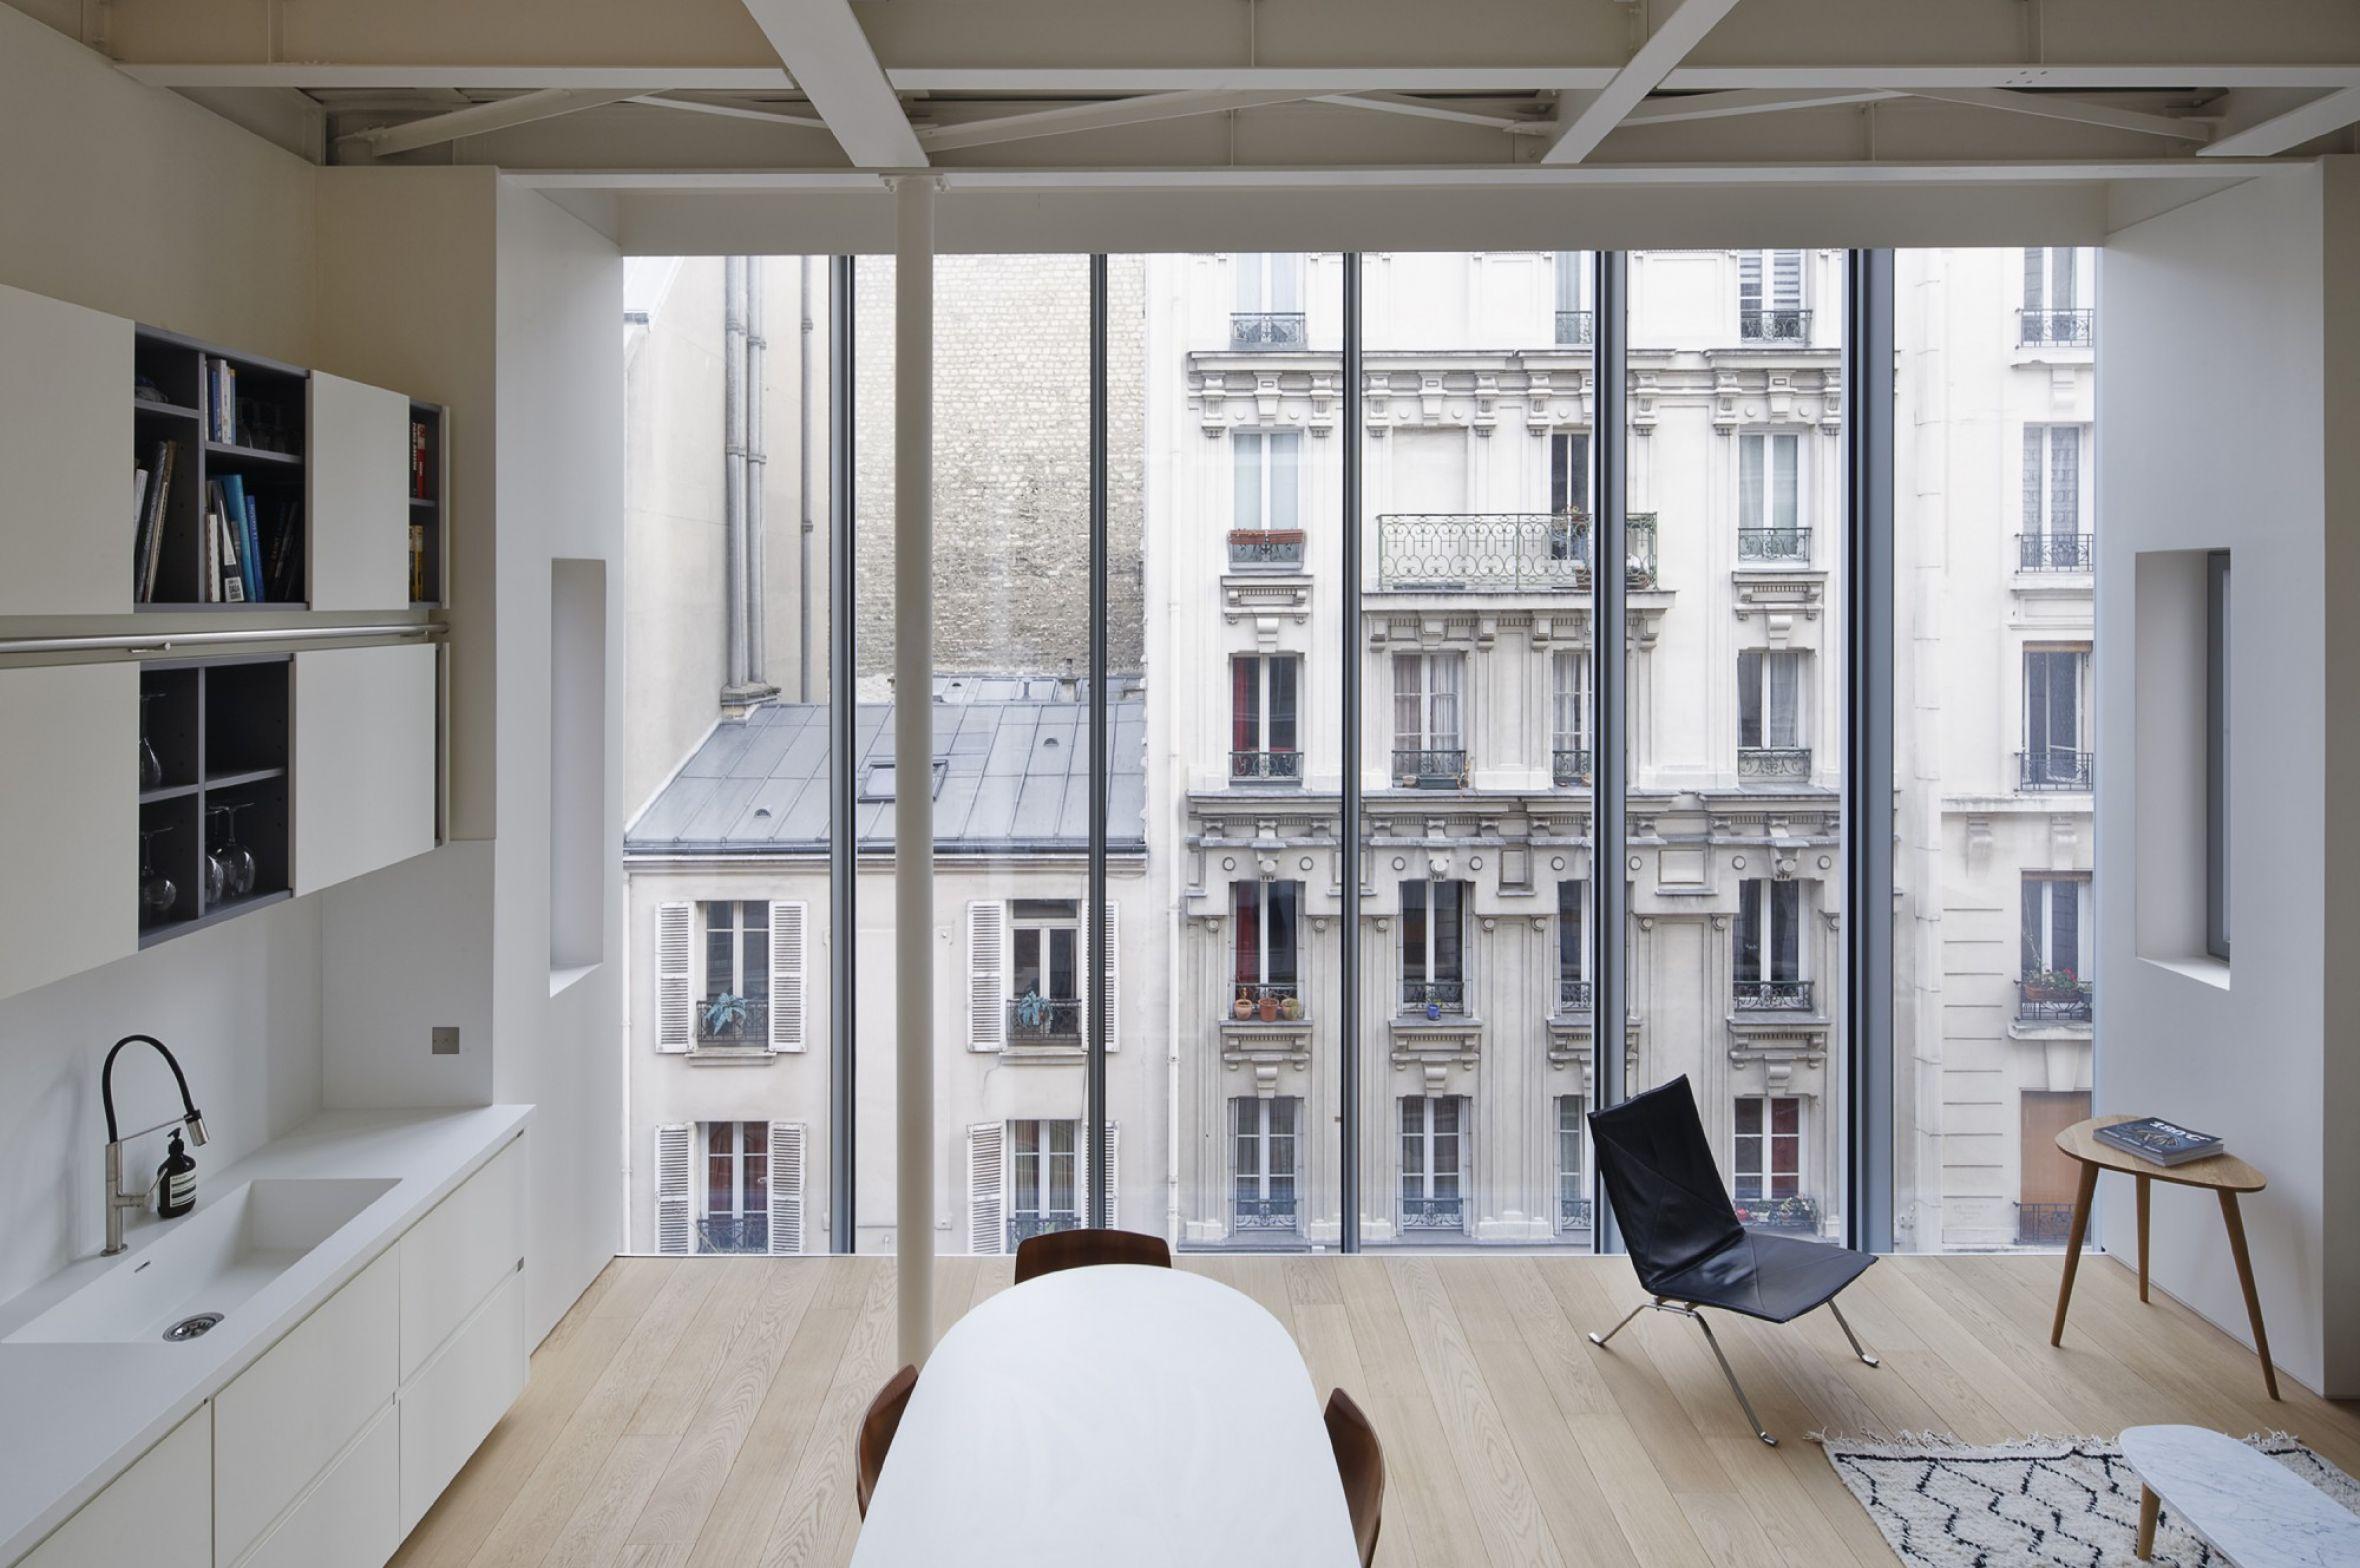 h house hardel le bihan architectes. Black Bedroom Furniture Sets. Home Design Ideas